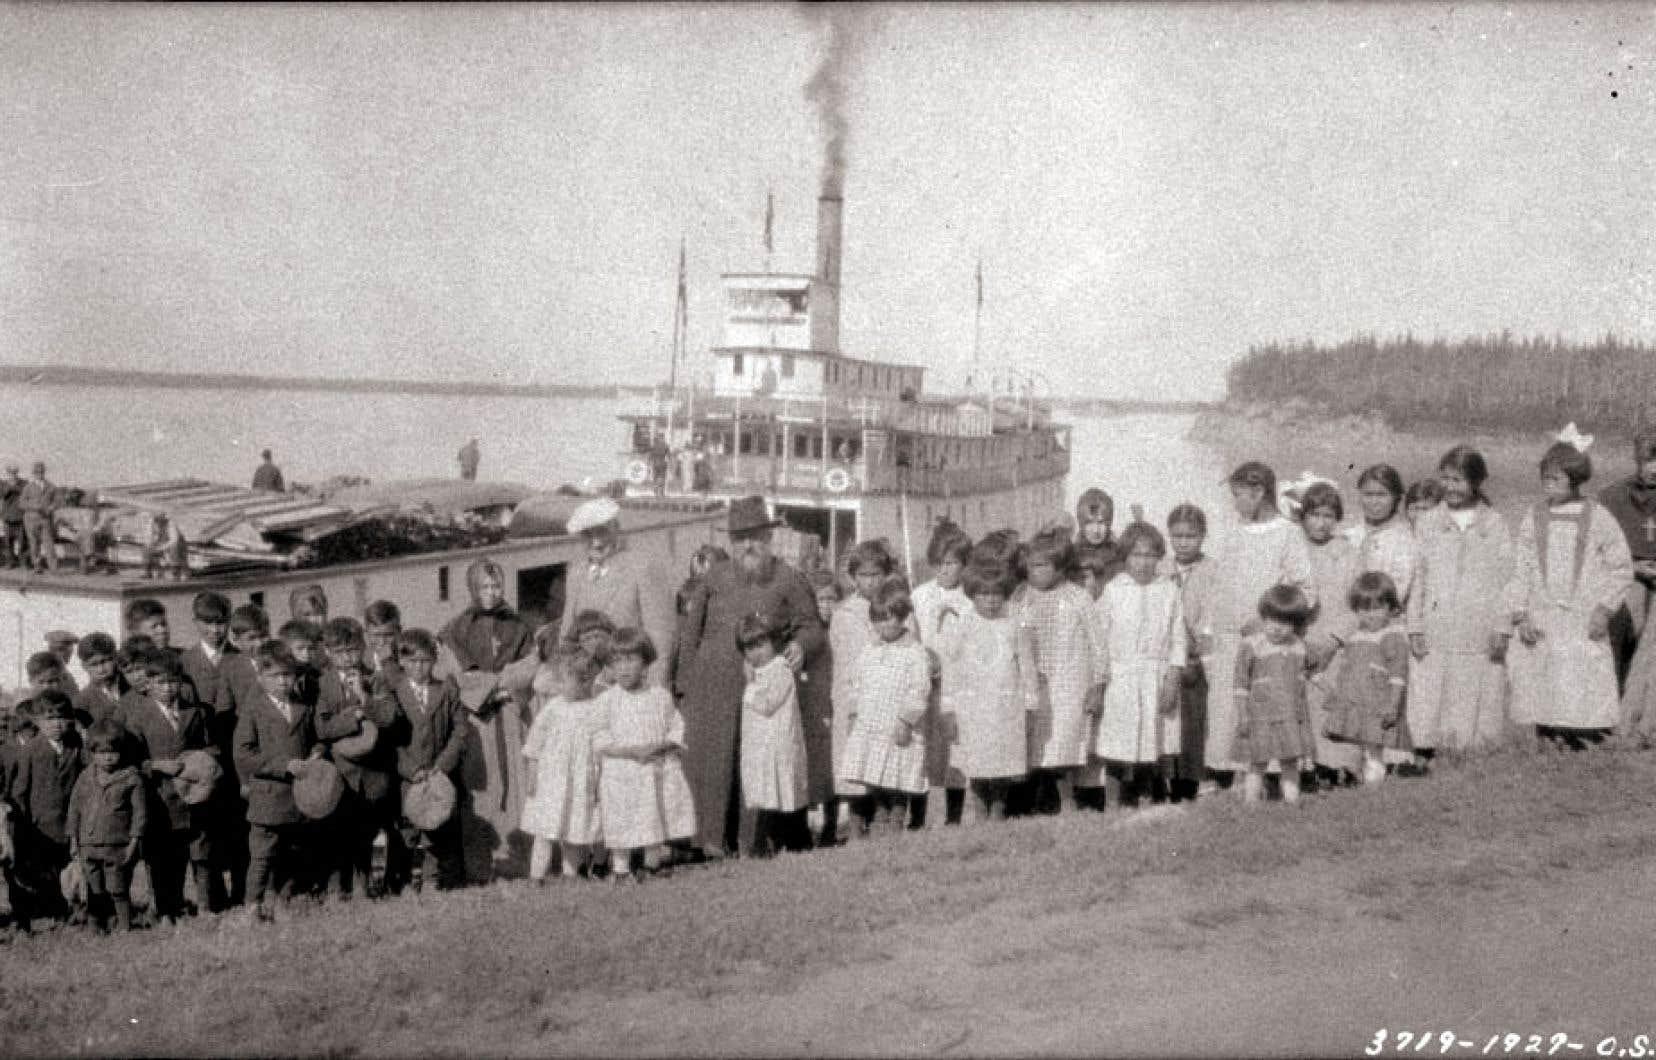 Enfants autochtones au pensionnat indien de la mission catholique de Fort Providence, en 1929. Les archives nationales témoignent très peu de la souffrance subie par les enfants dans ces établissements tenus par des communautés religieuses.